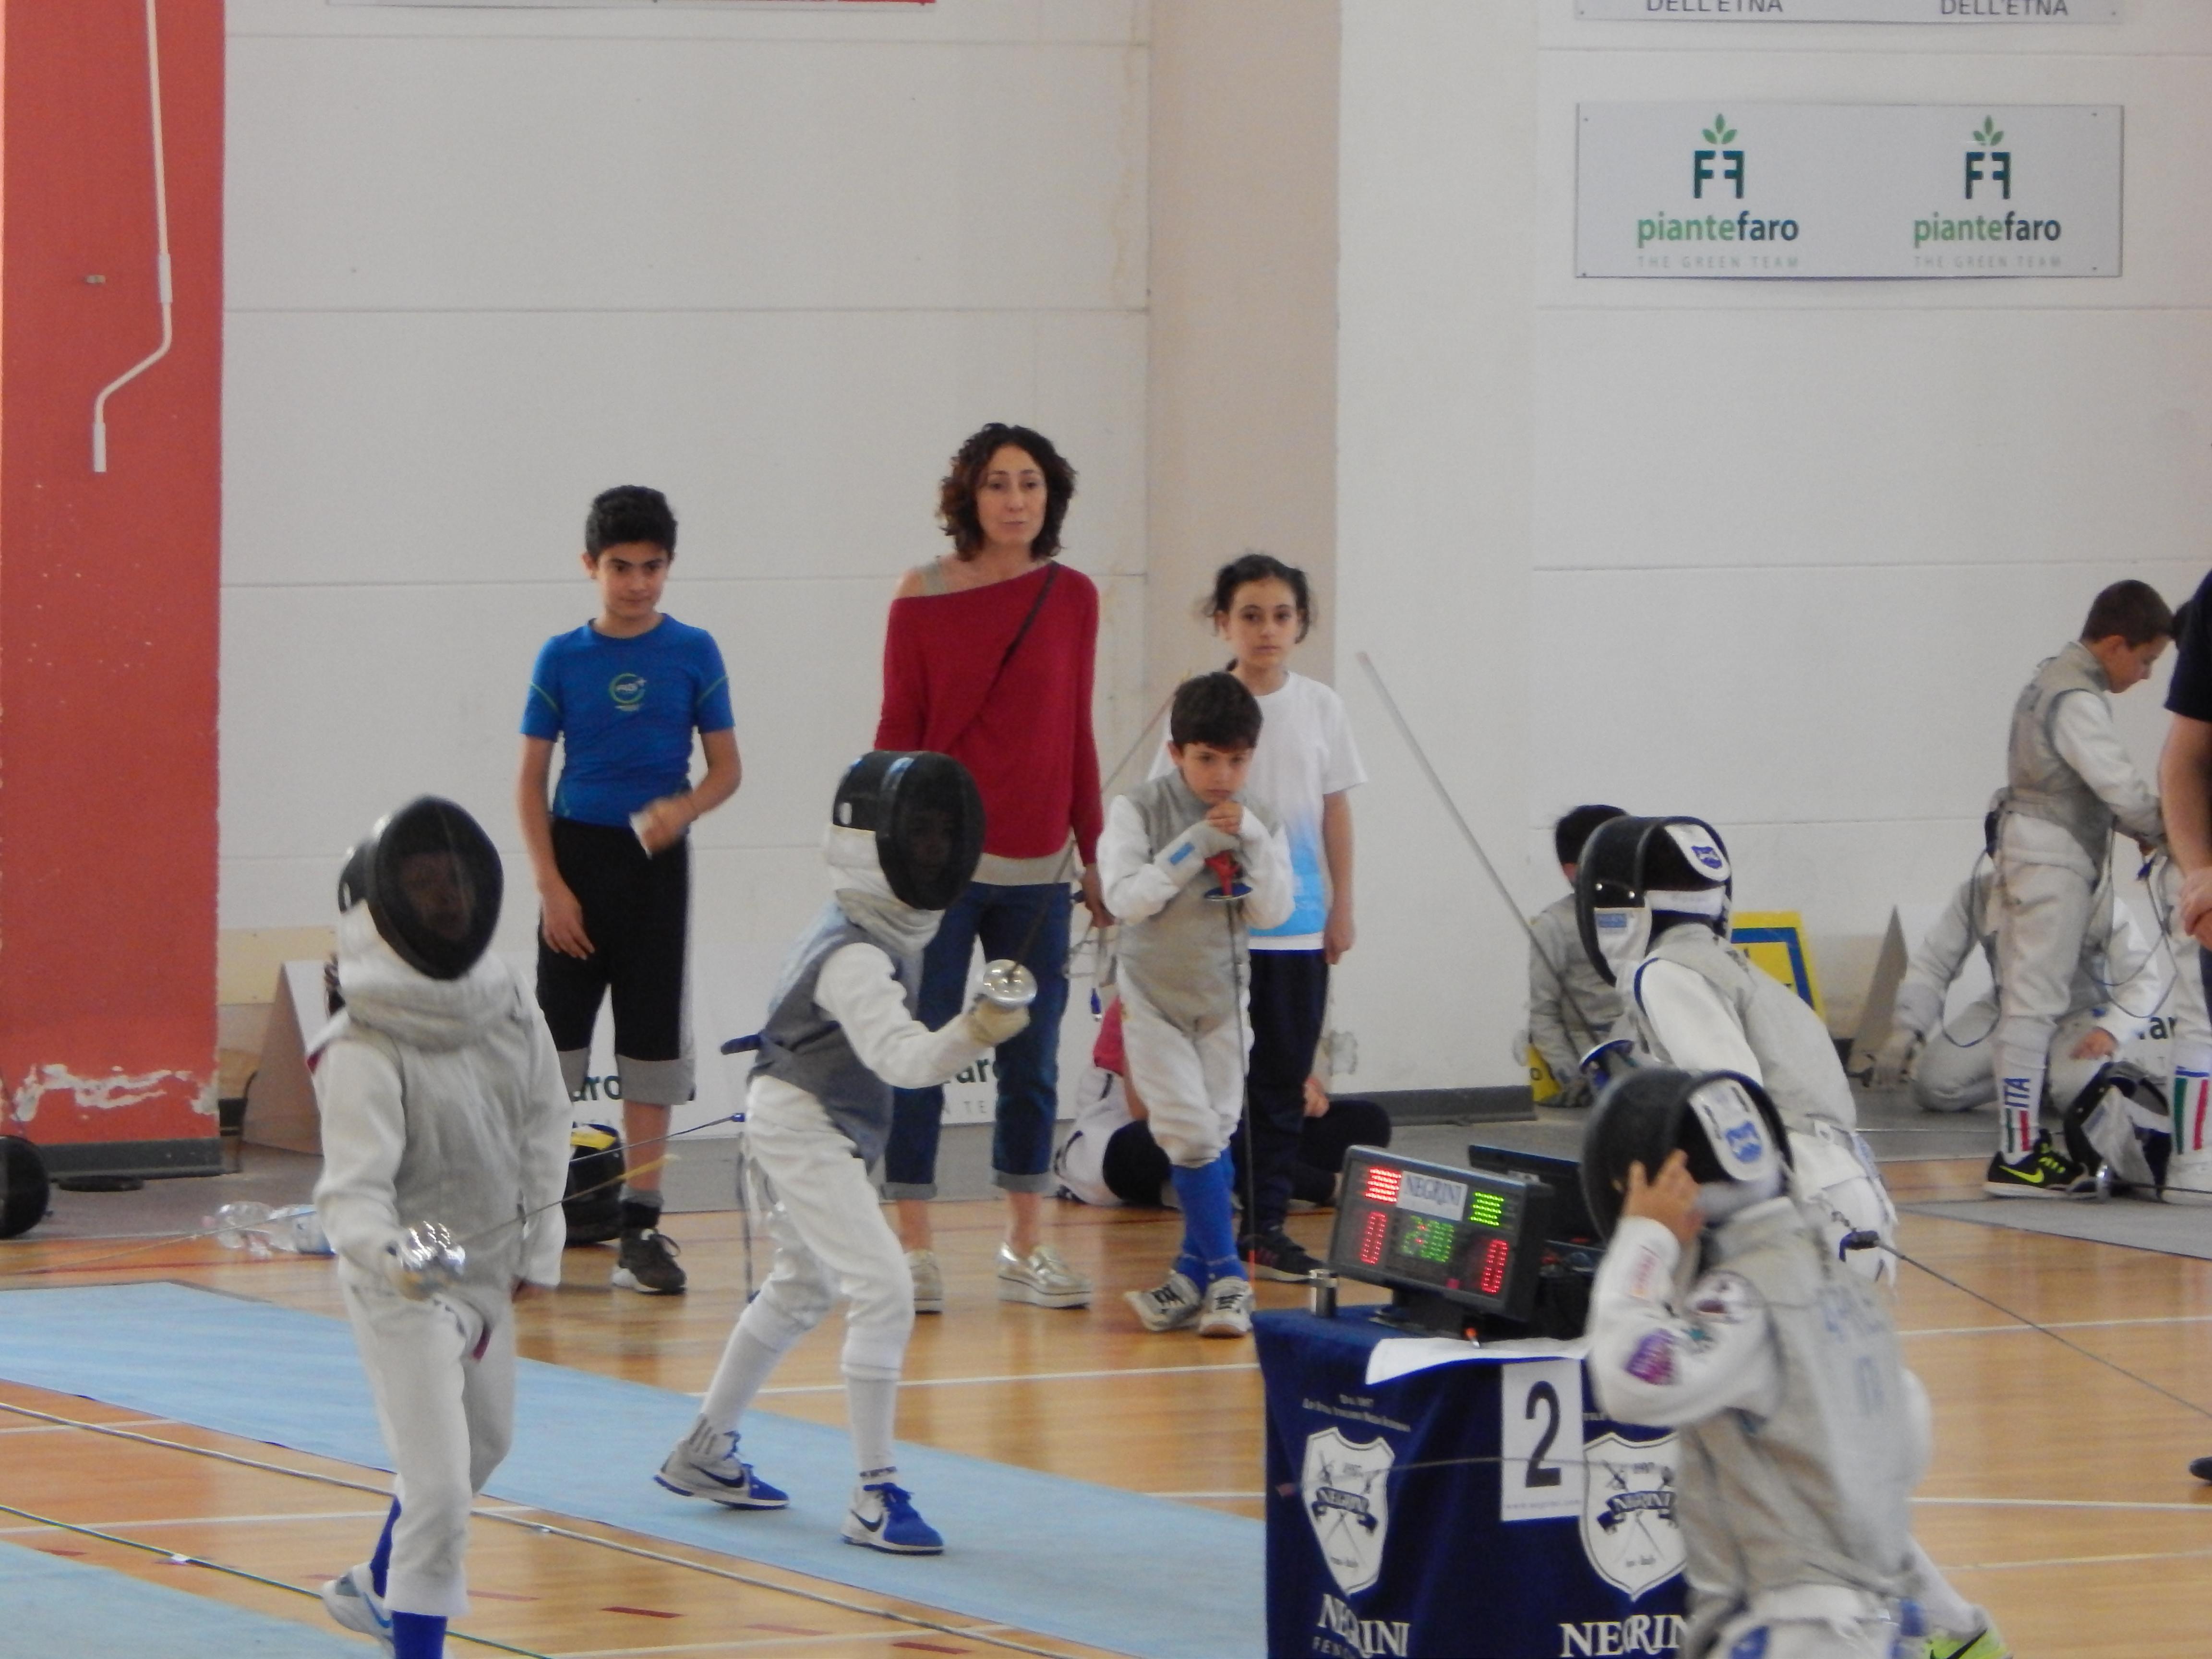 Atleti in azione_Matilde,Michele_LorenzoeRosanna sullo sfondo